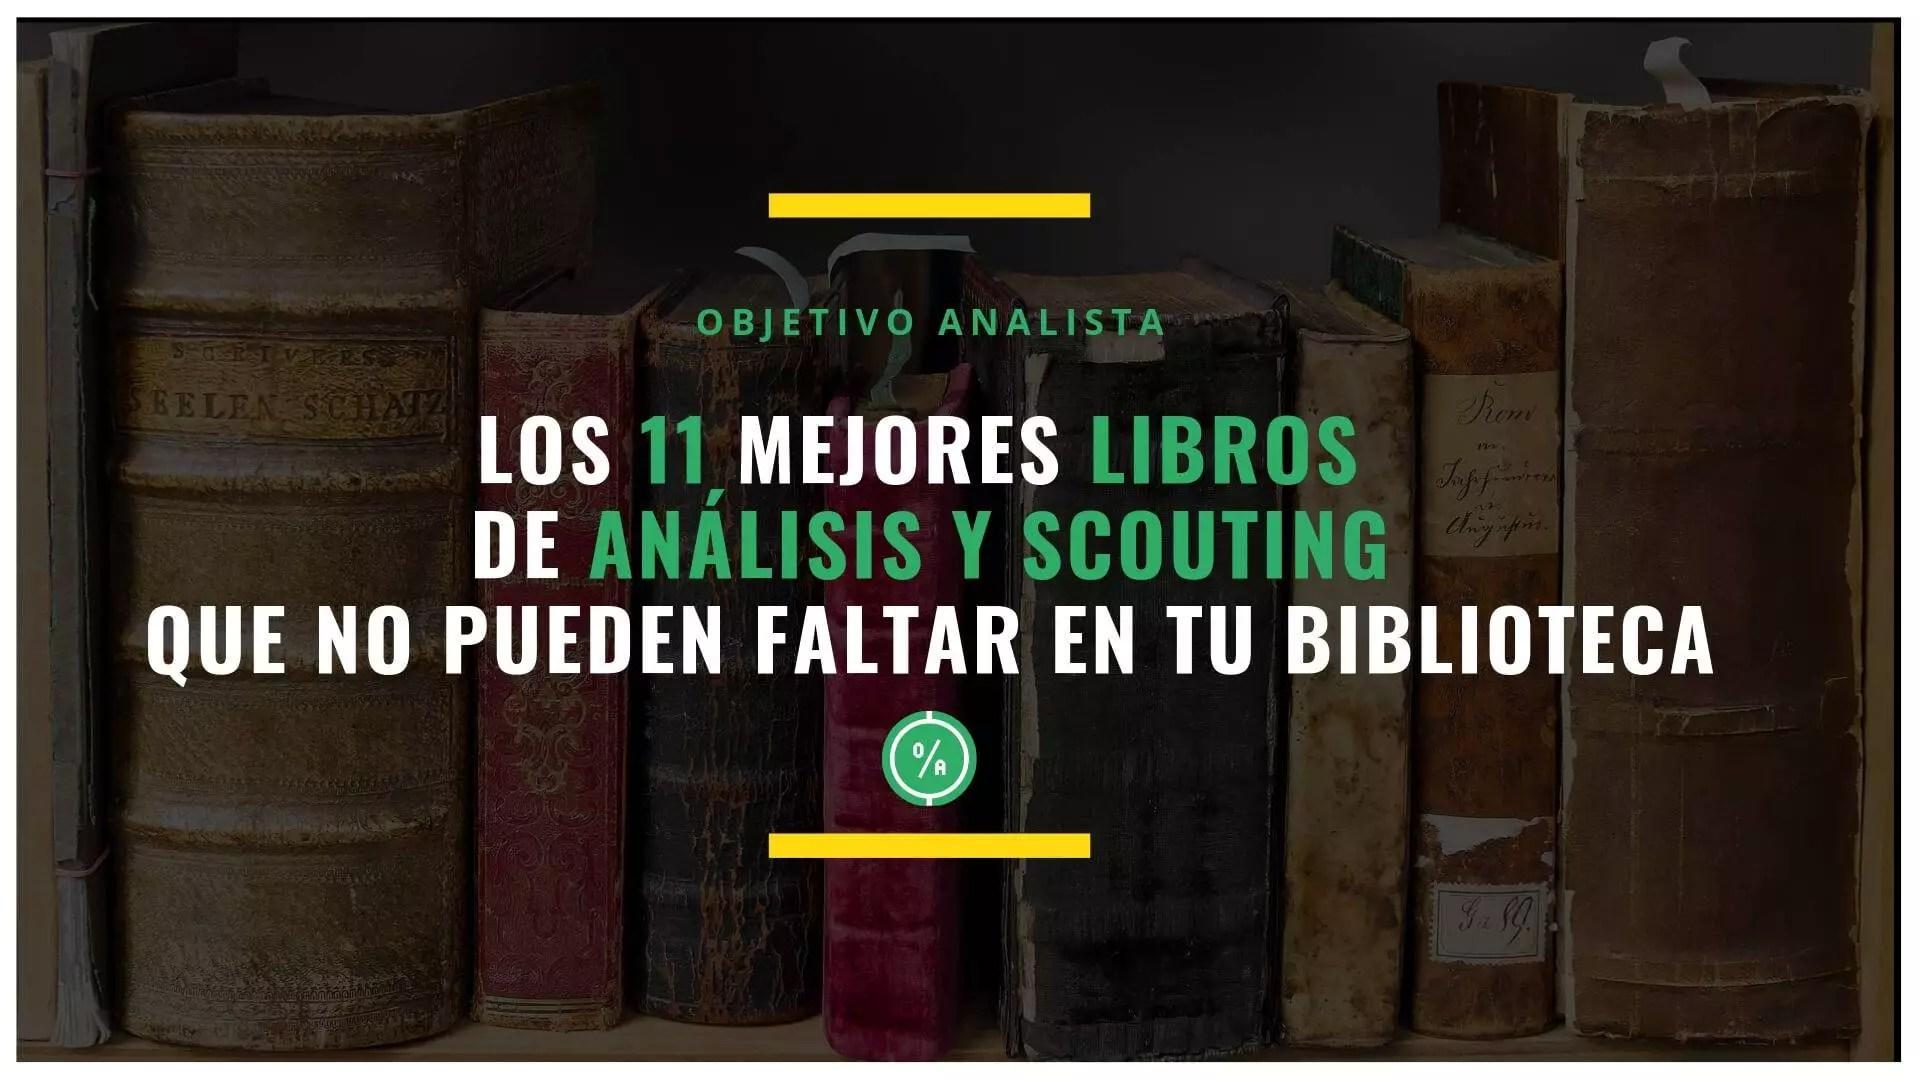 Los 11 mejores libros de análisis y scouting que no pueden faltar en tu biblioteca